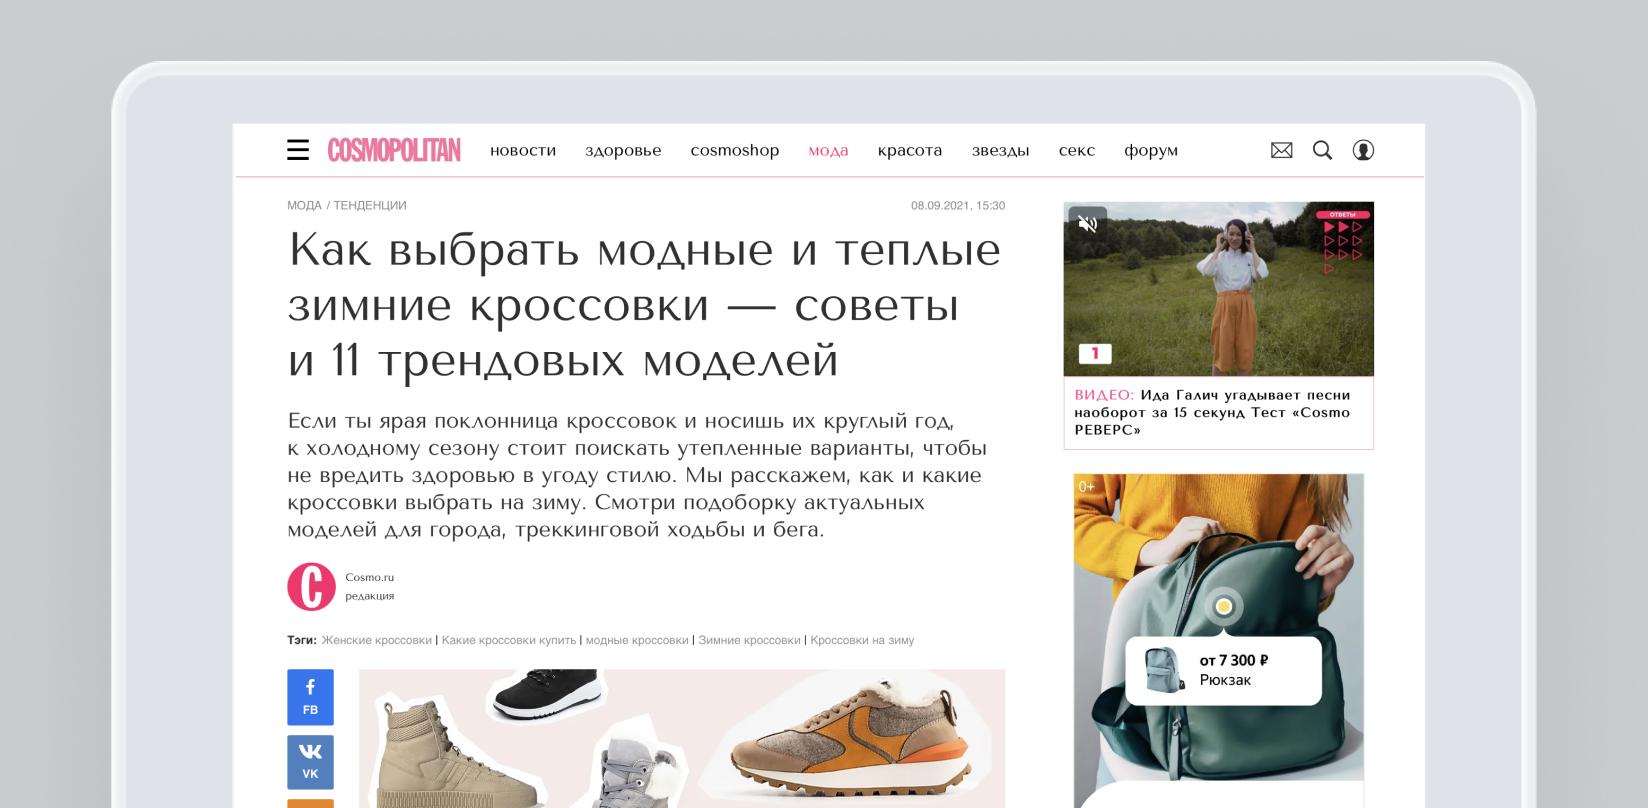 Яндекс представил новый инструмент для работы с видеорекламой2